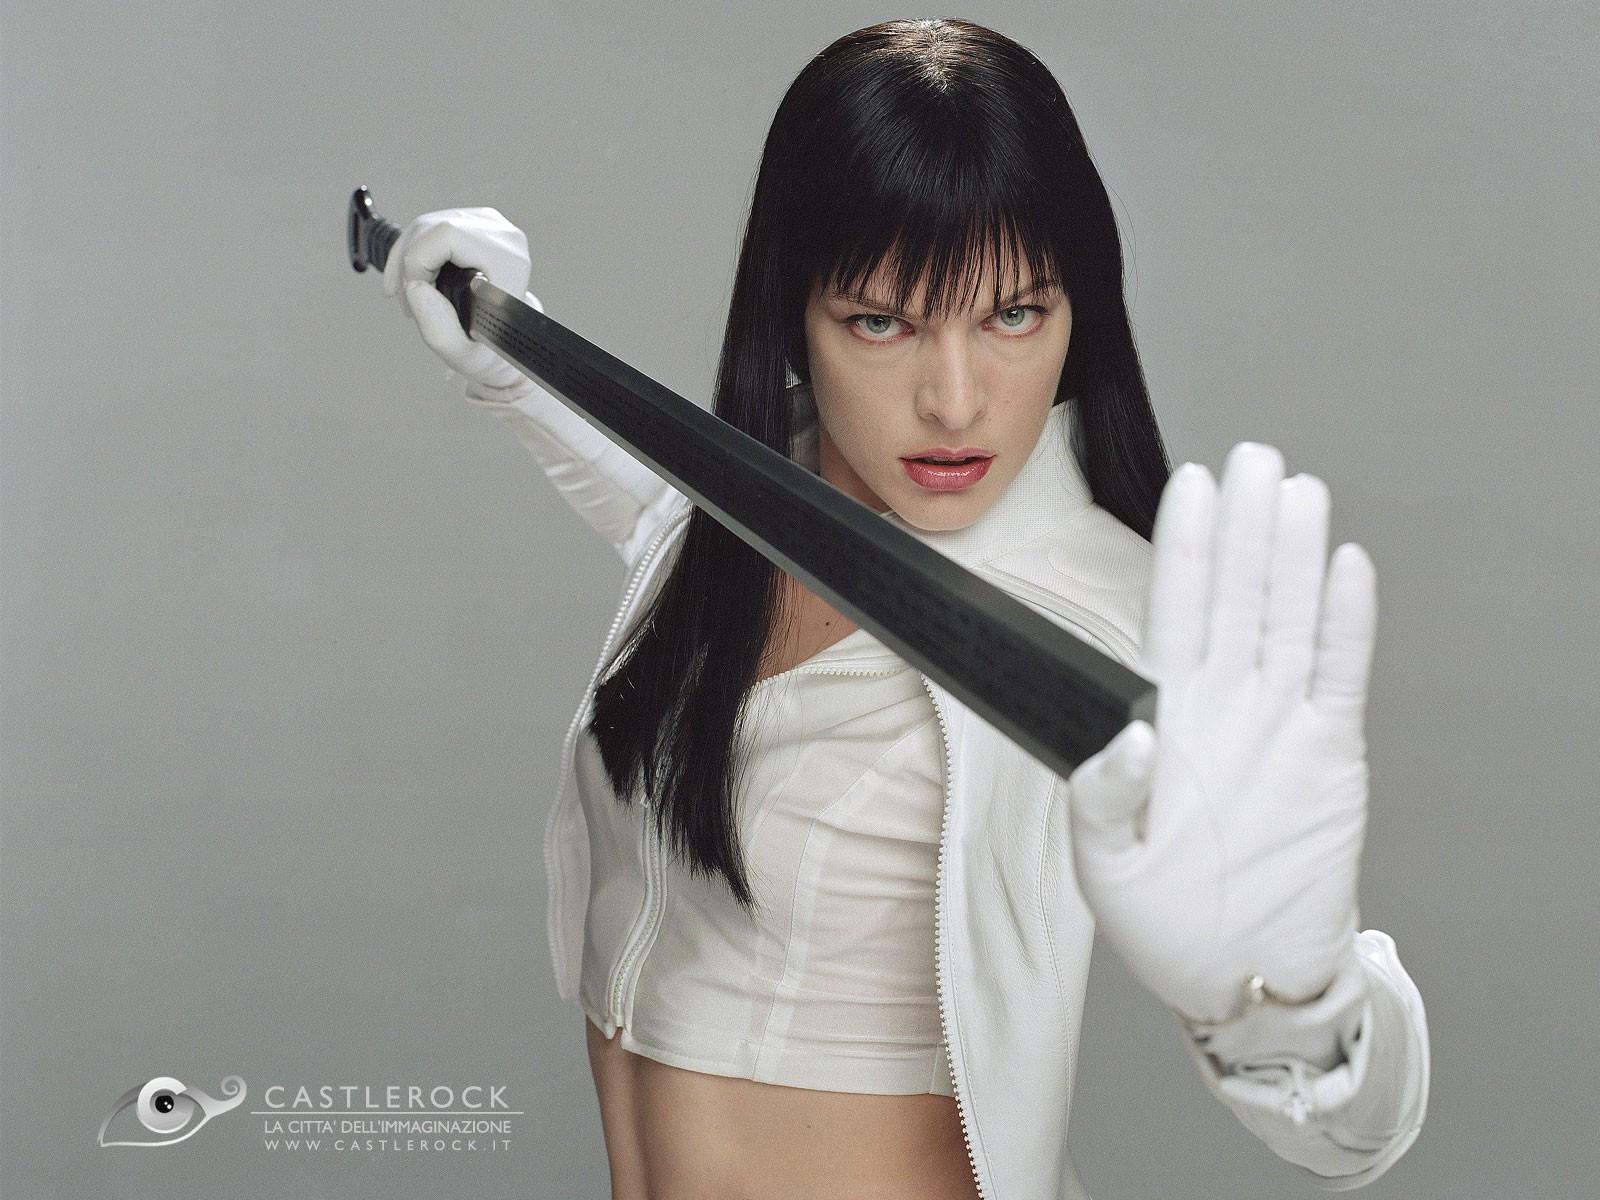 Wallpaper di Milla Jovovich, sexy eroina di Ultraviolet